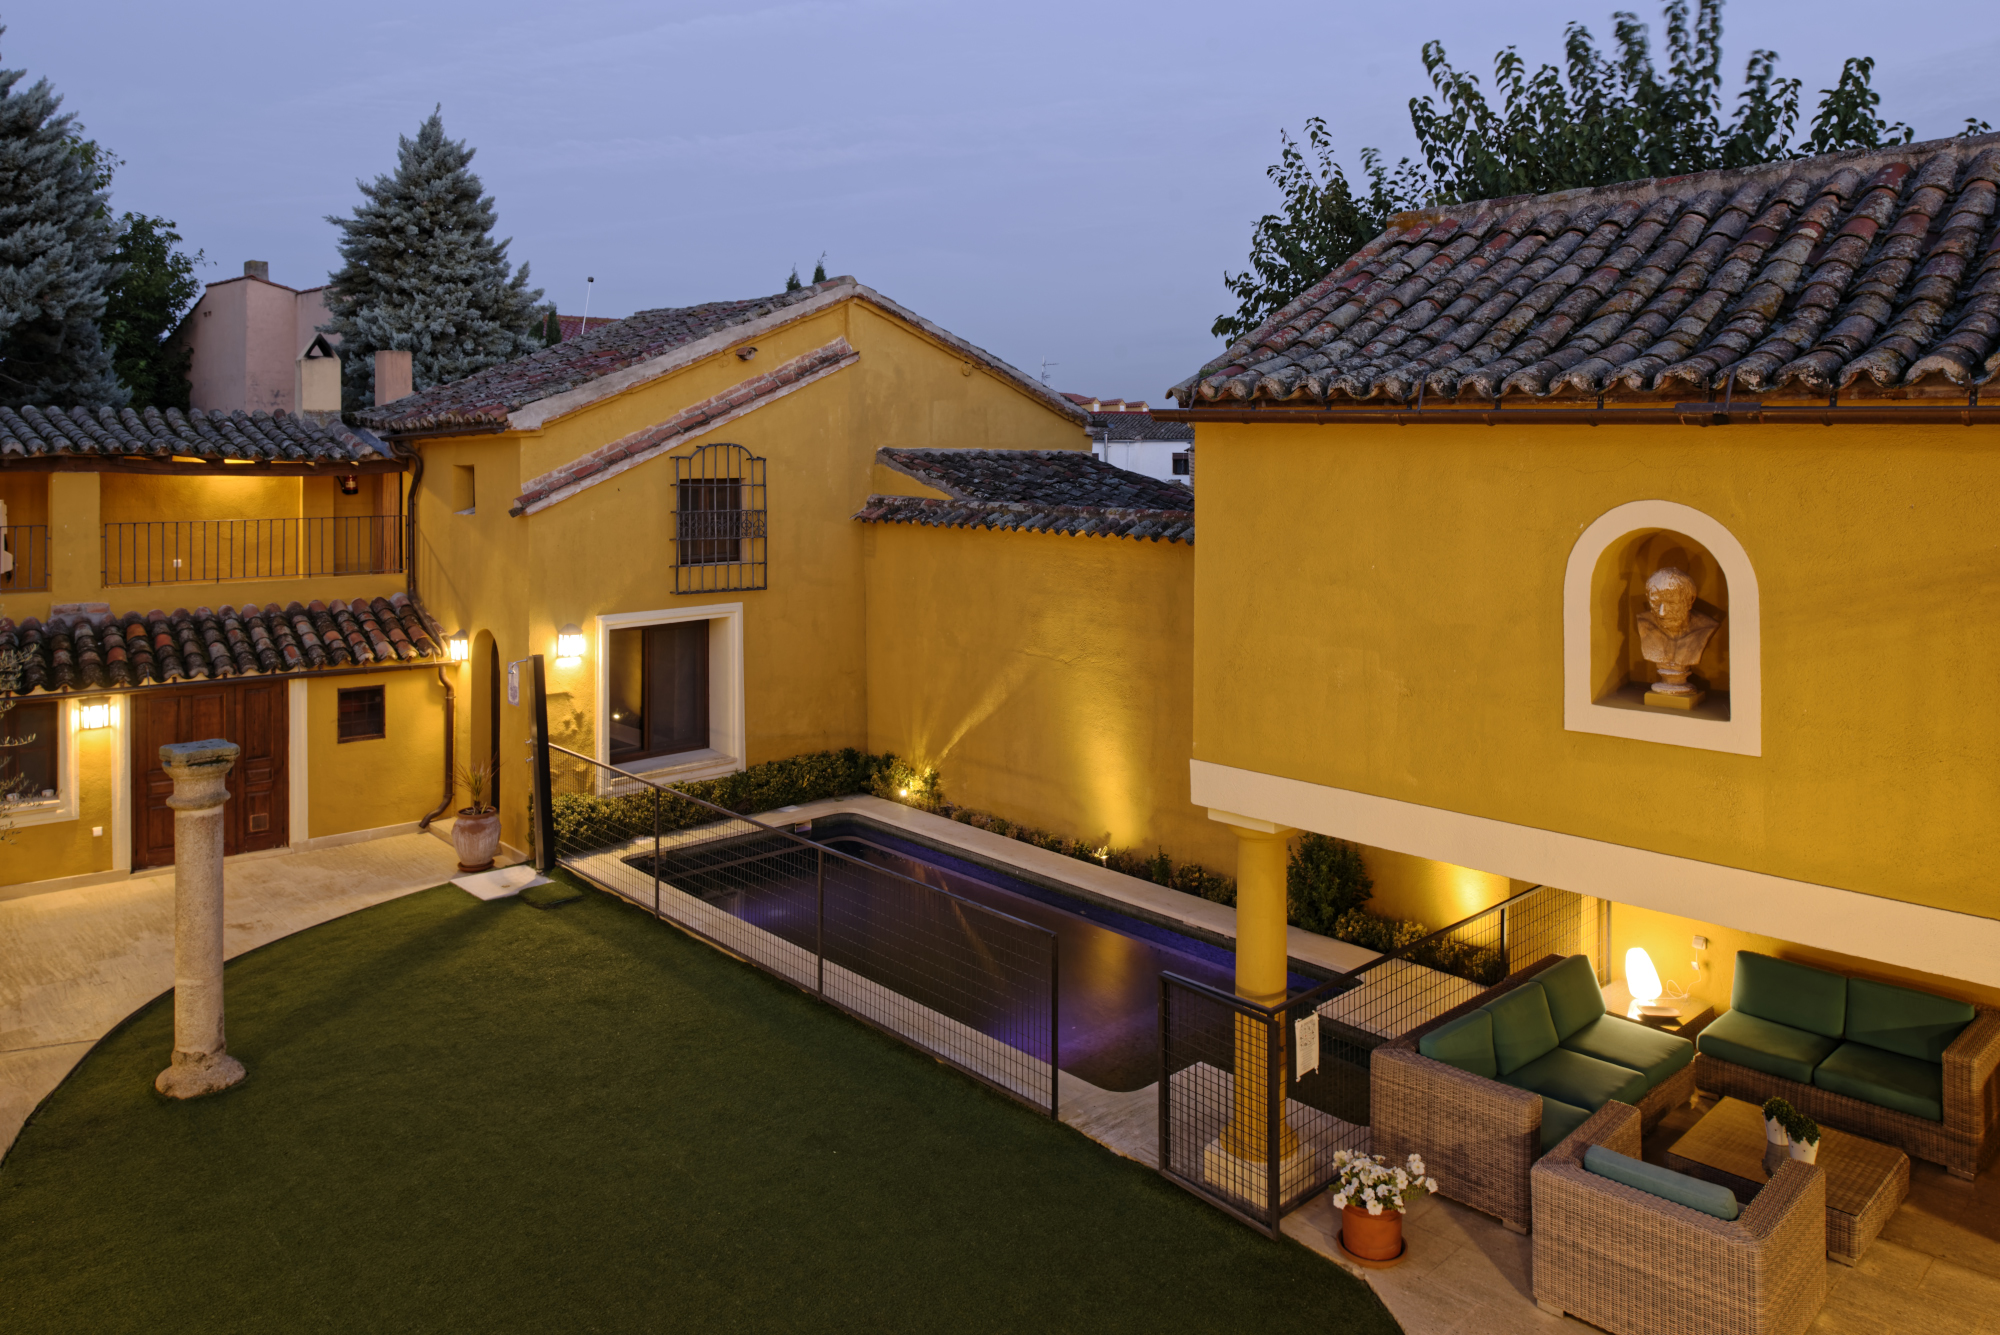 Villa cornelius casa rural de 3 espigas en las herencias casa rural en las herencias casa - Casa rural las herencias ...